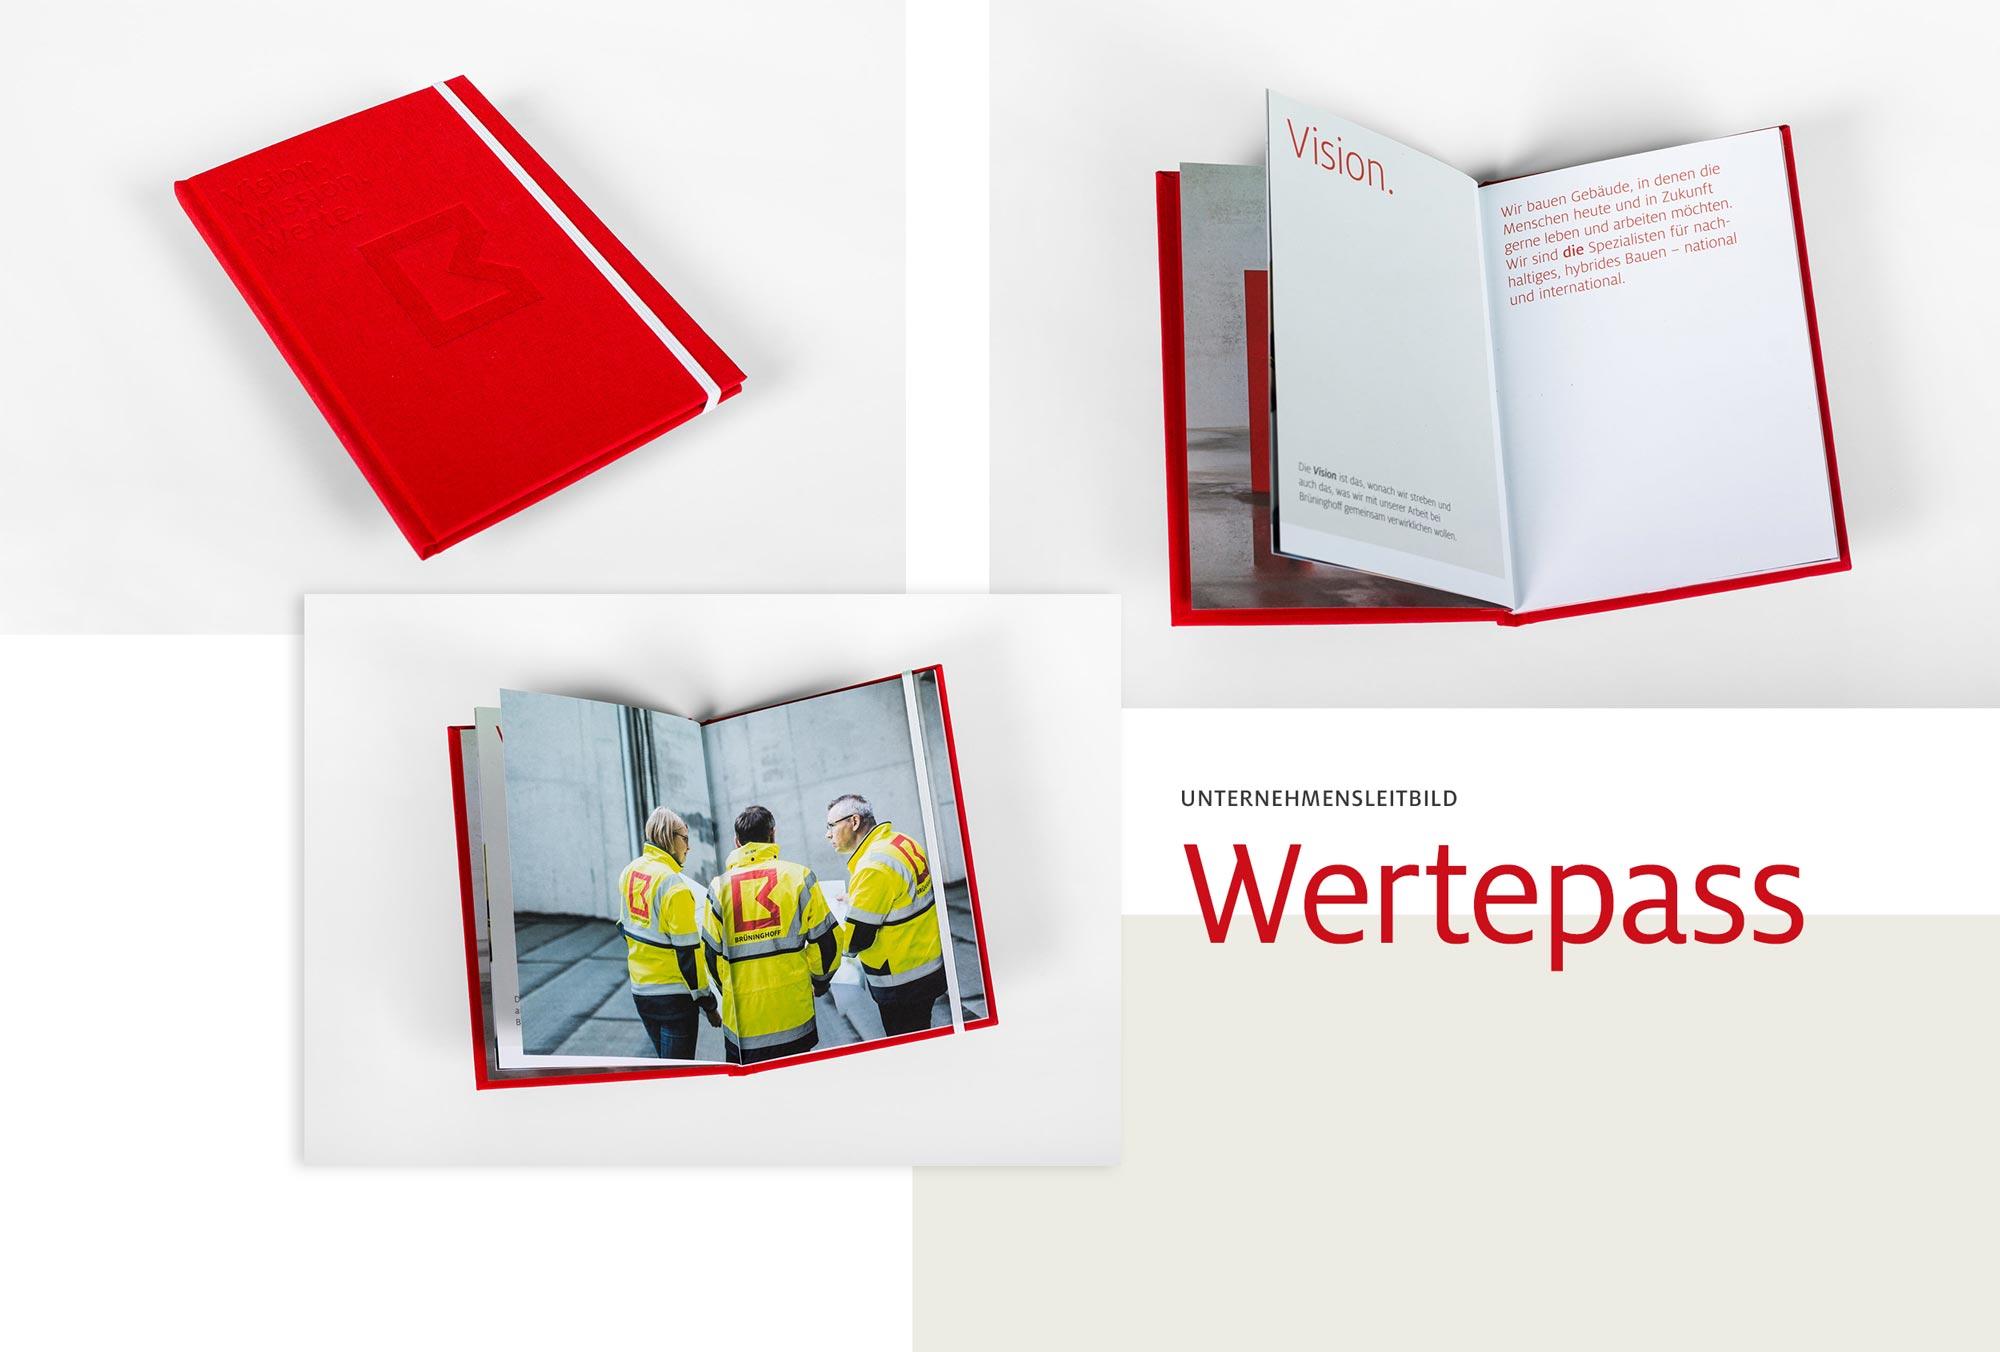 Das Unternehmensleitbild als kleines Buch von Brüninghoff, gestaltet von 31M